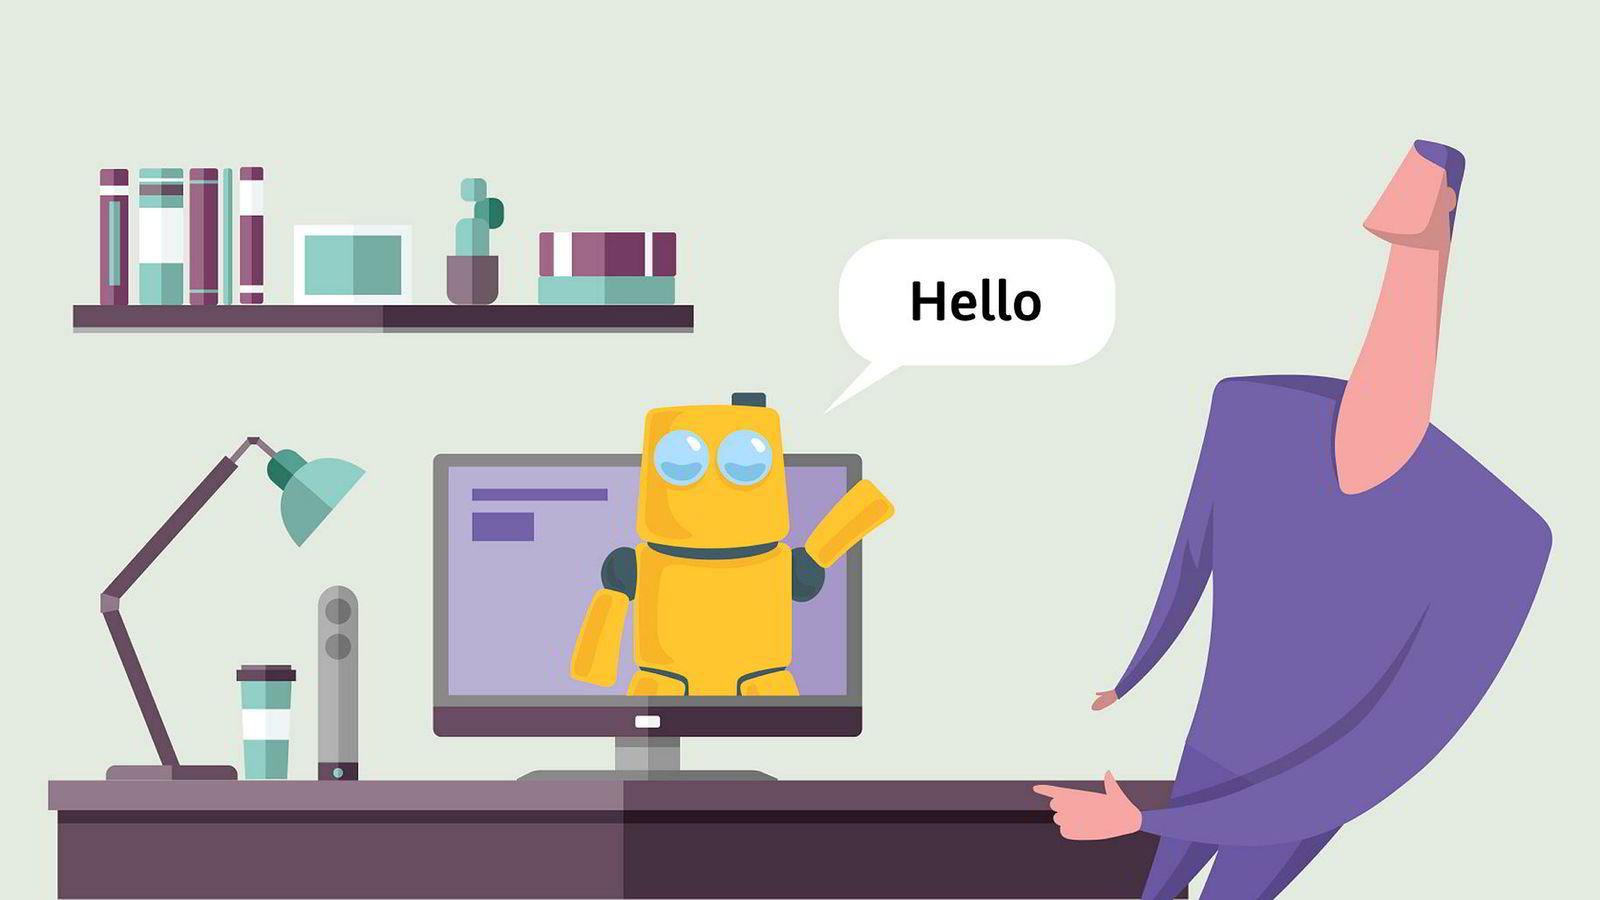 Det er imidlertid mye som tyder på at pr-arbeidets menneskelige natur gjør det mindre sannsynlig at maskinell læring vil ta over, skriver innleggsforfatterne.